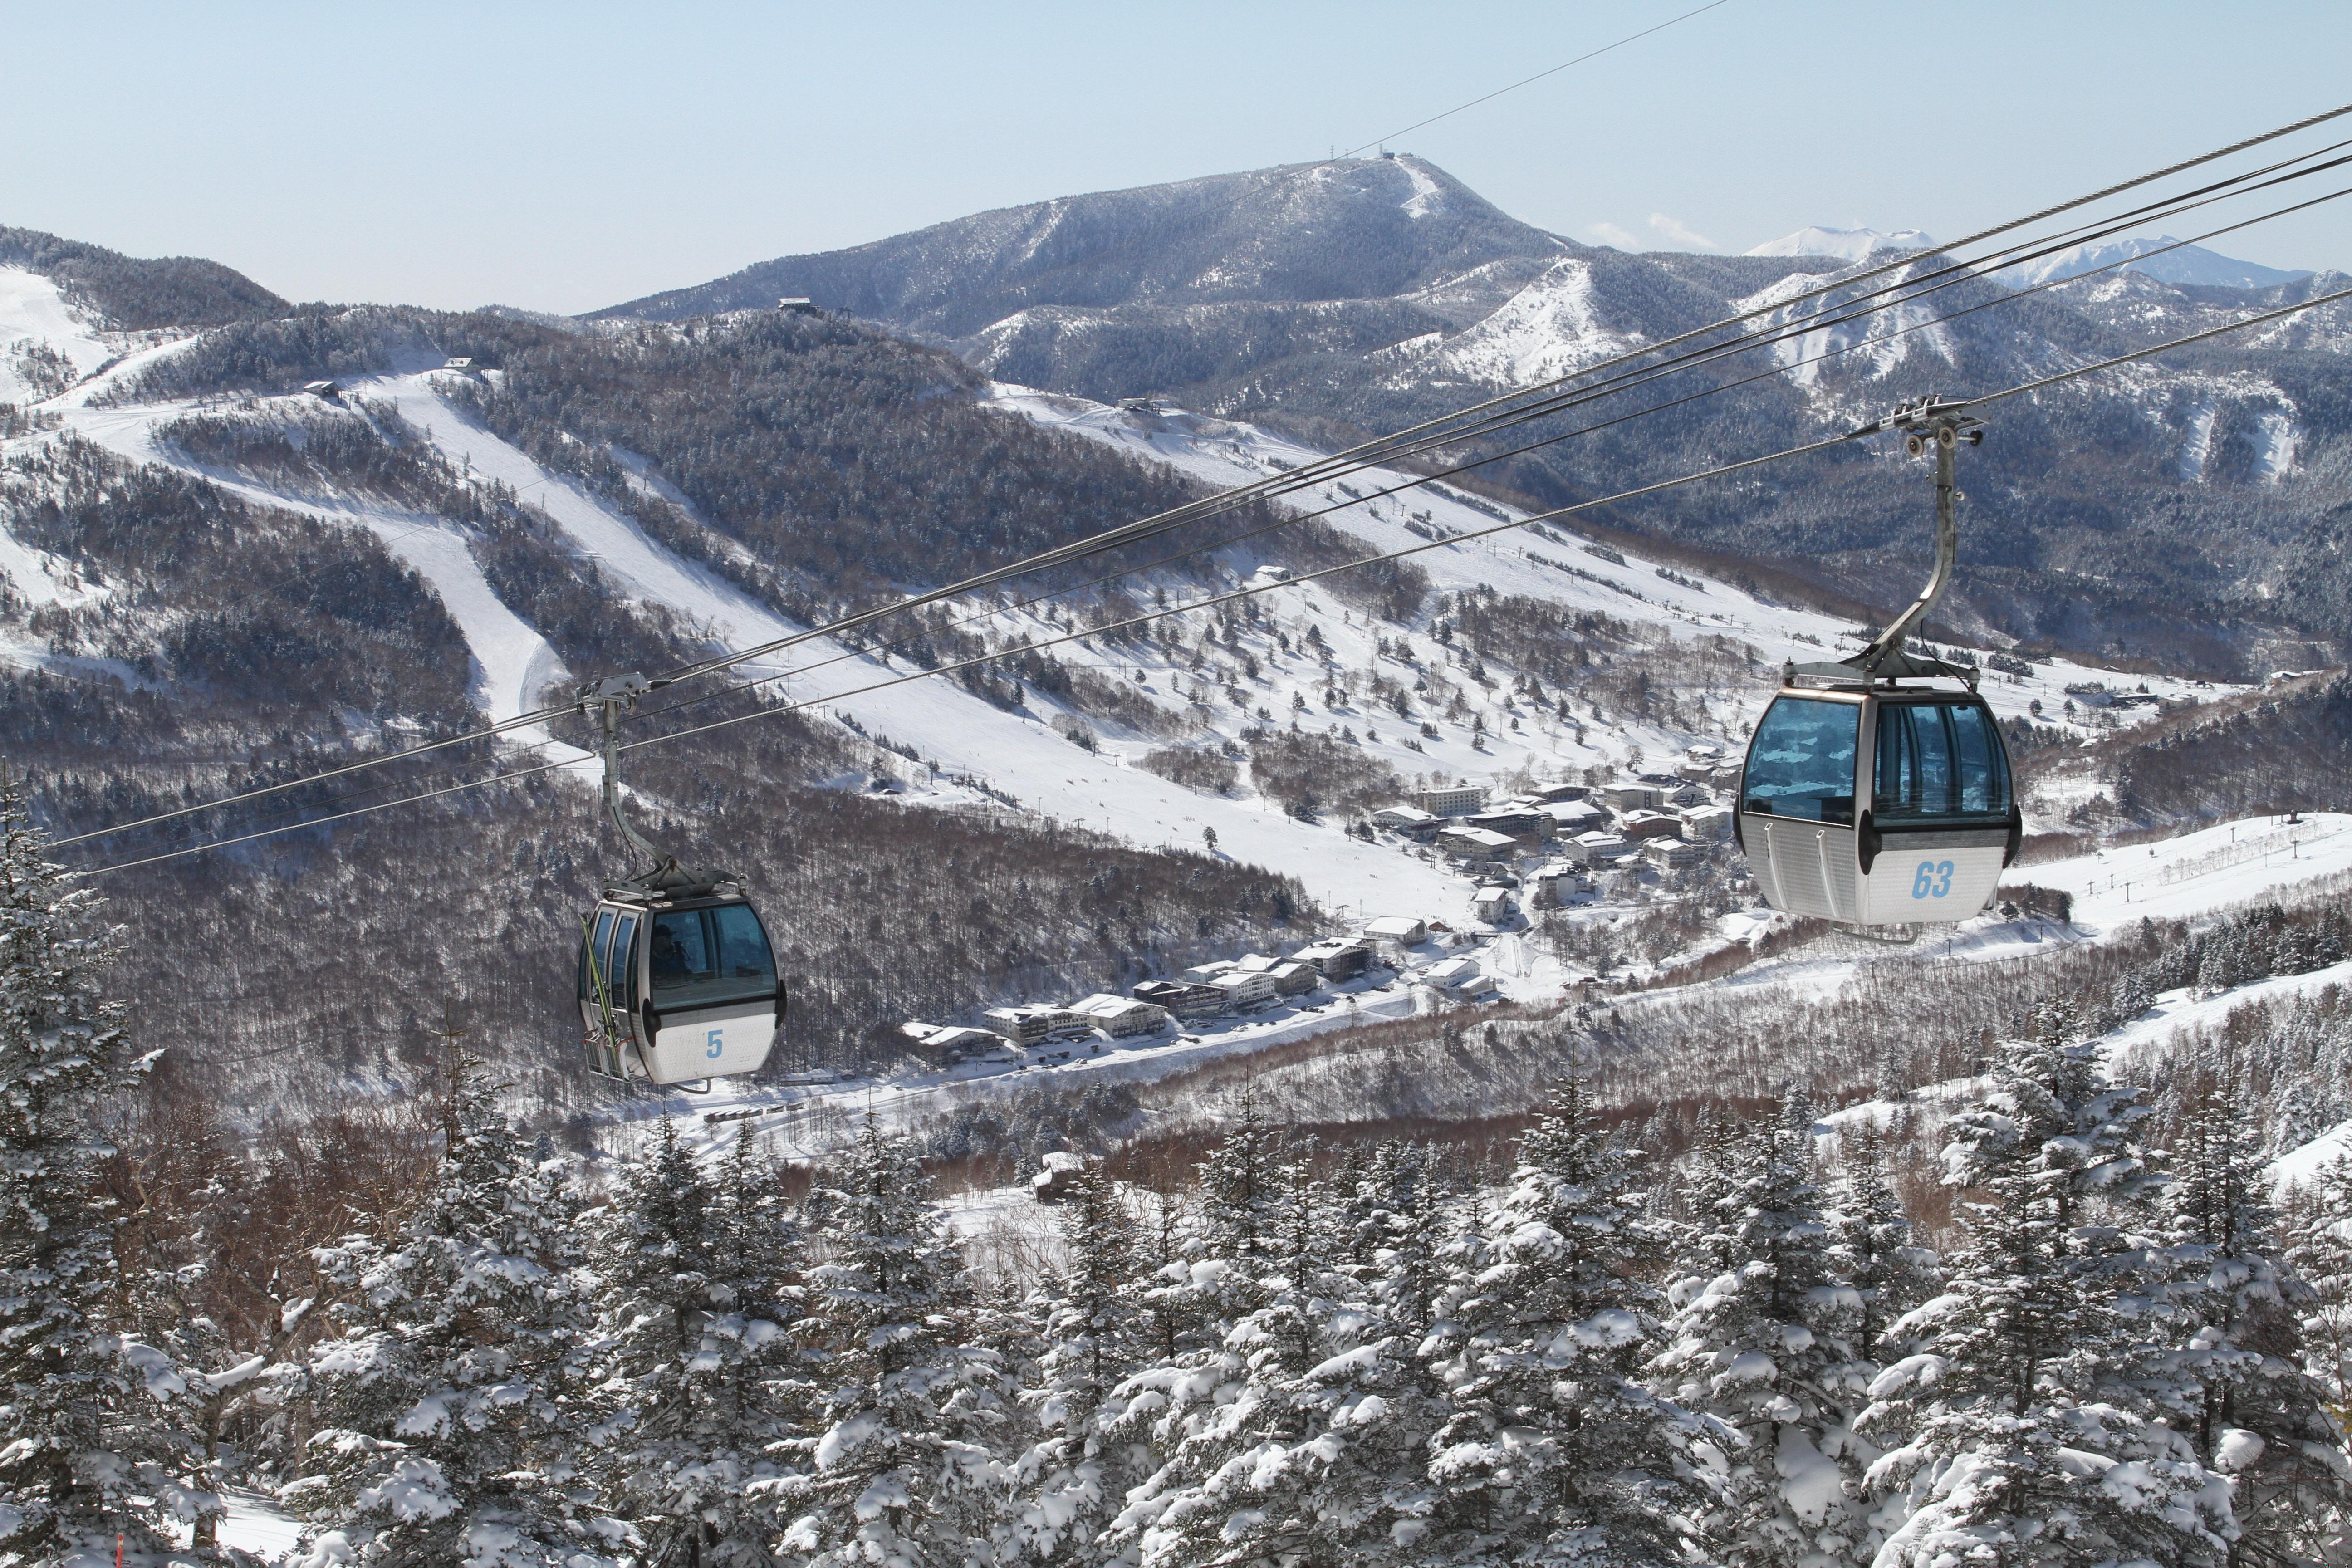 志賀高原スキー場のマイカープランイメージ6